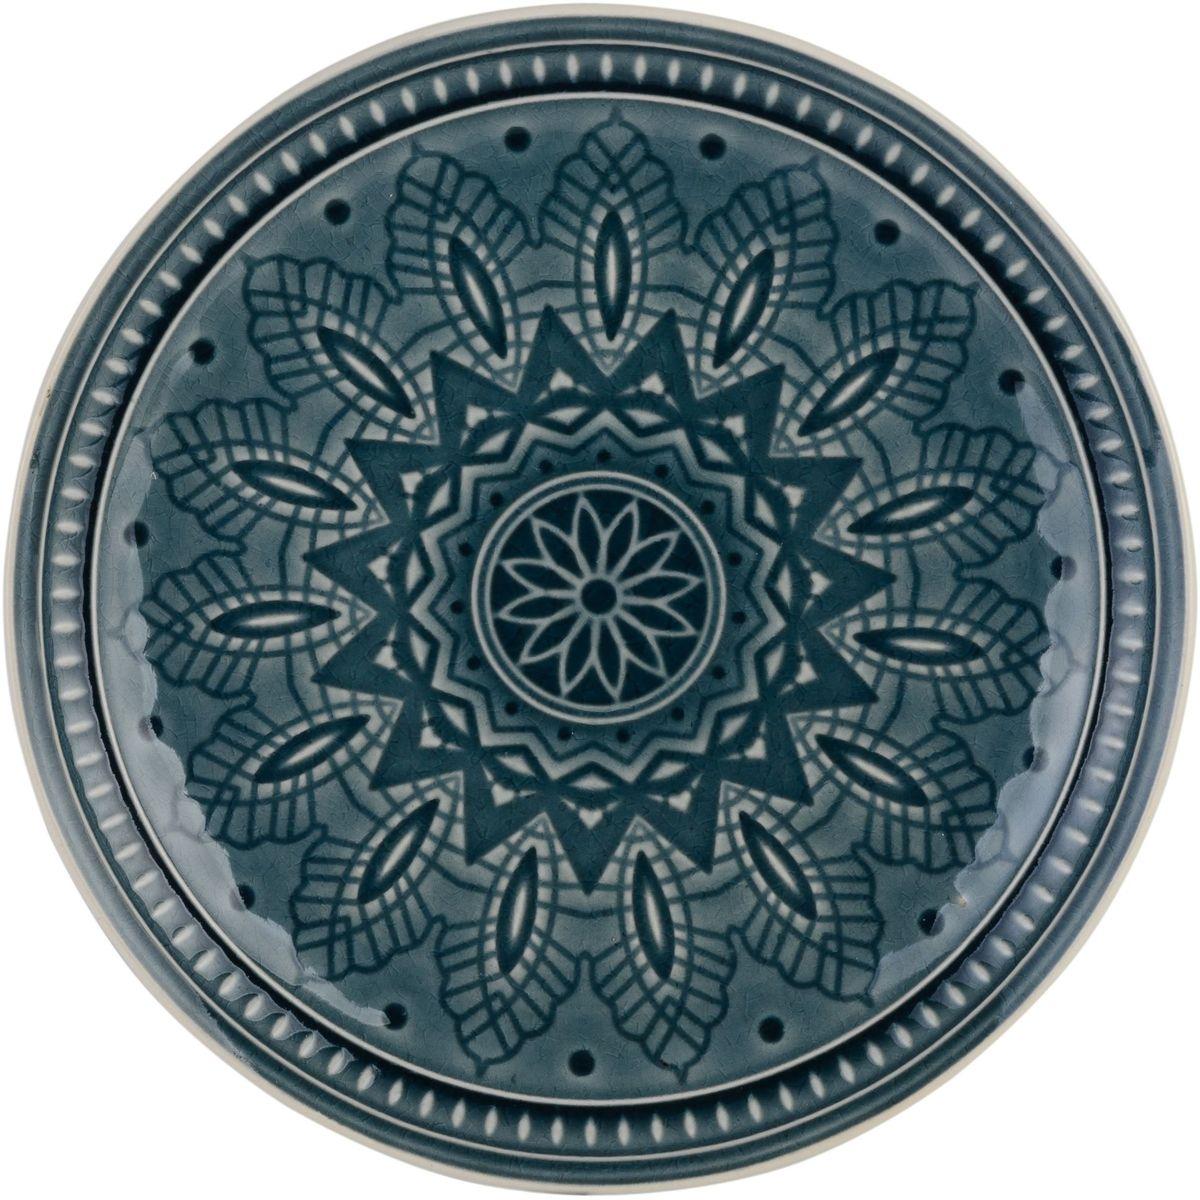 Набор десертных тарелок Tongo, цвет: серый винтаж, диаметр 20,5 см, 6 шт550221 3067Традиционная этническая посуда Индонезии. Декоративная техника придает посуде этнический шарм, с элементами старения, в виде паутинки мелких трещинок на поверхности эмали, что повышает ее привлекательность и ценность среди посудных аналогов.В процессе эксплуатации мелкие трещины также могут проявляться на внутренних поверхностях кружек и салатников, - что также является задумкой дизайнеров, заложенной в производственной технологии.